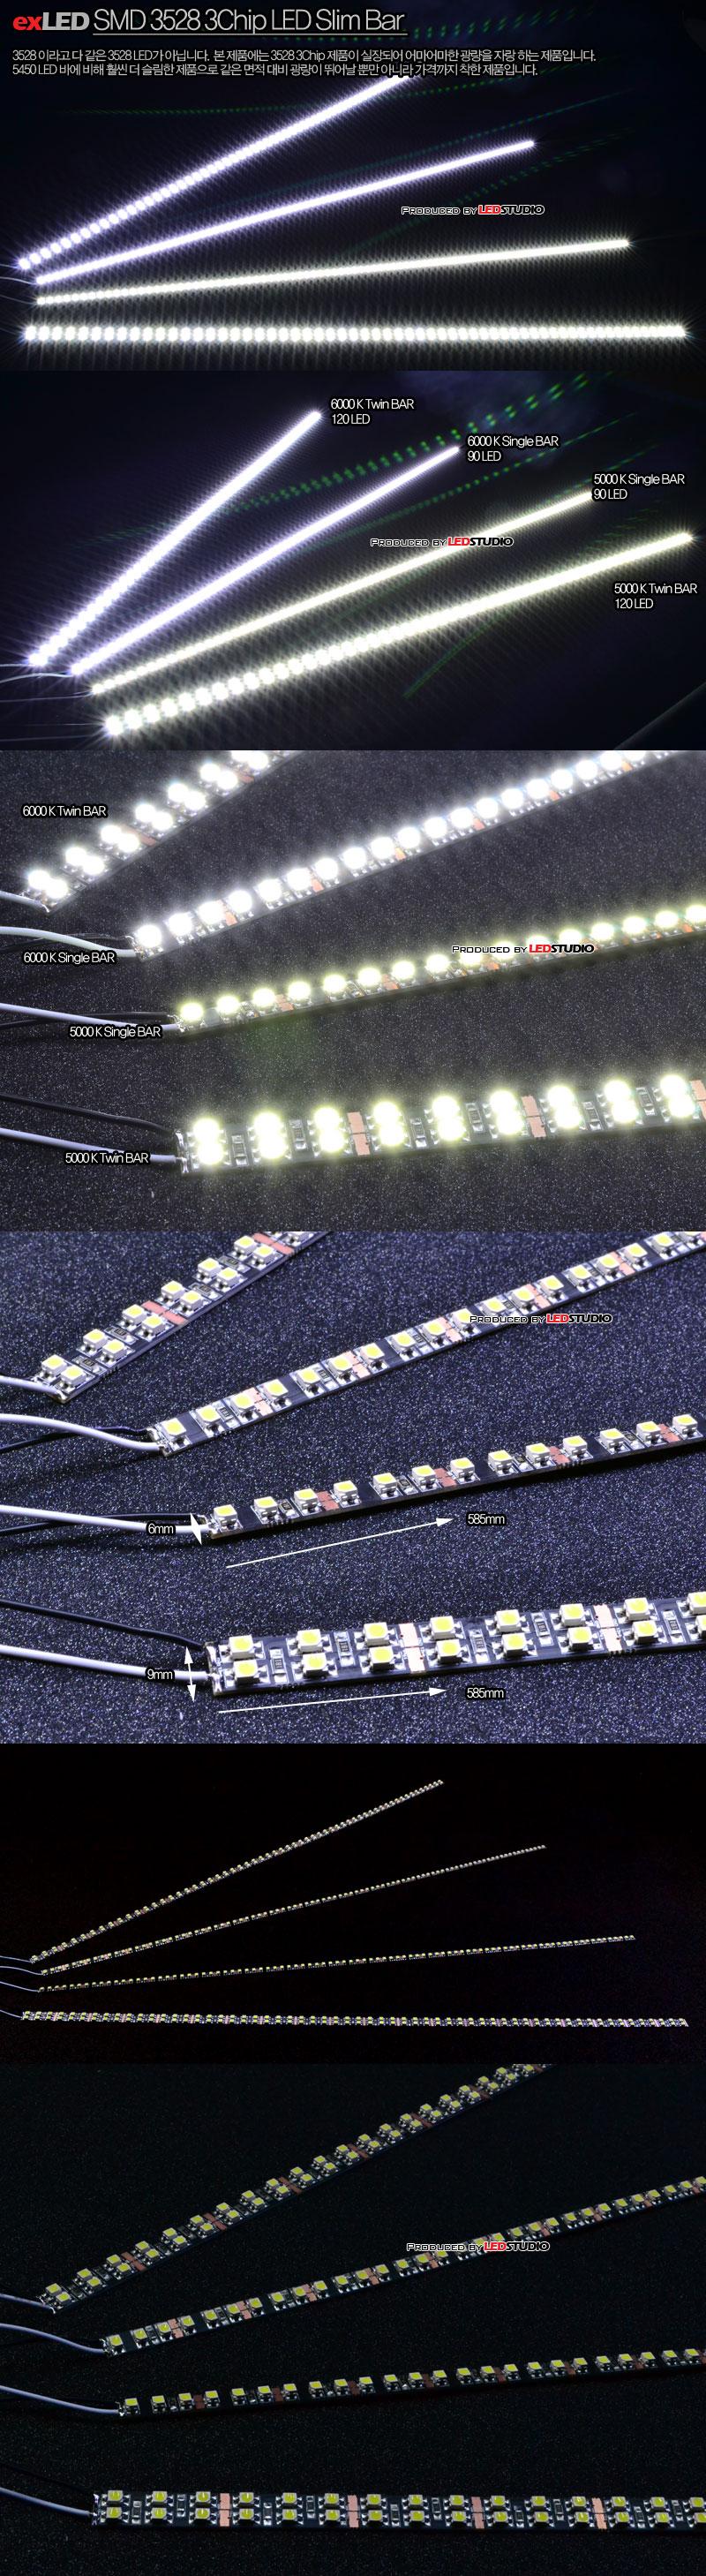 exLED D.I.Y. LED 바 시리즈 - 3528 3Chip 트윈 LED 슬림 바 (58.5cm x 9mm / 120 LED)